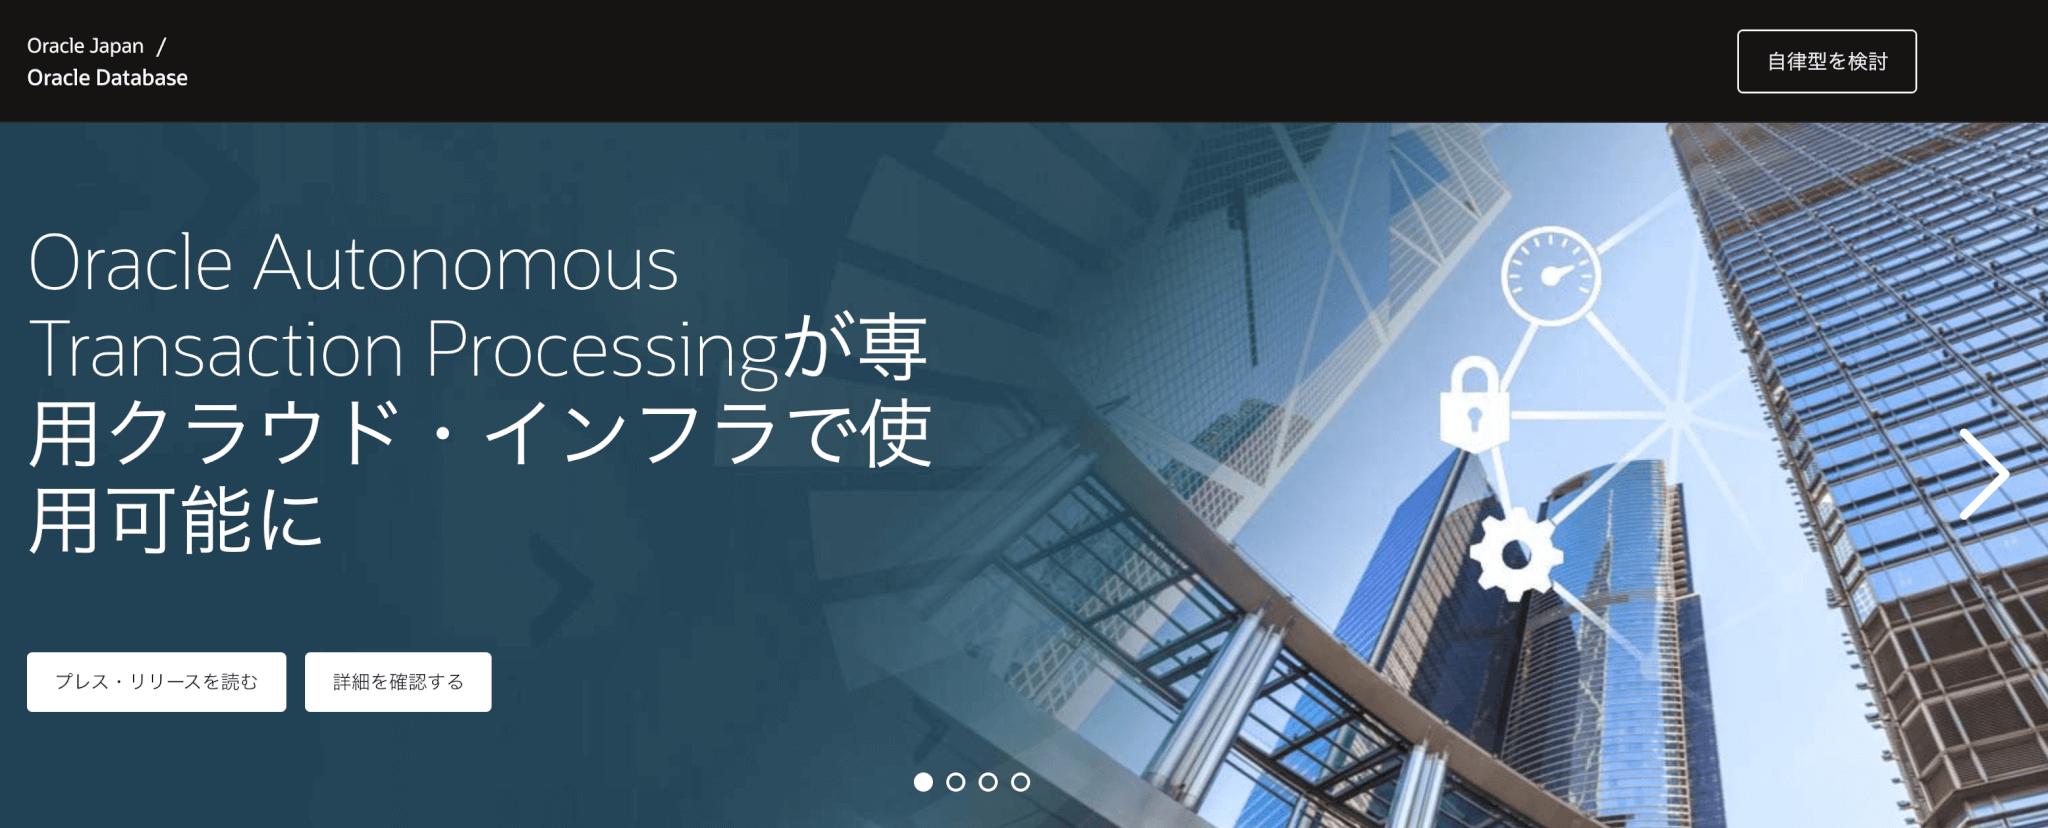 データベースとは SQL 入門 Oracle Japan / Oracle Databaseのホームページ